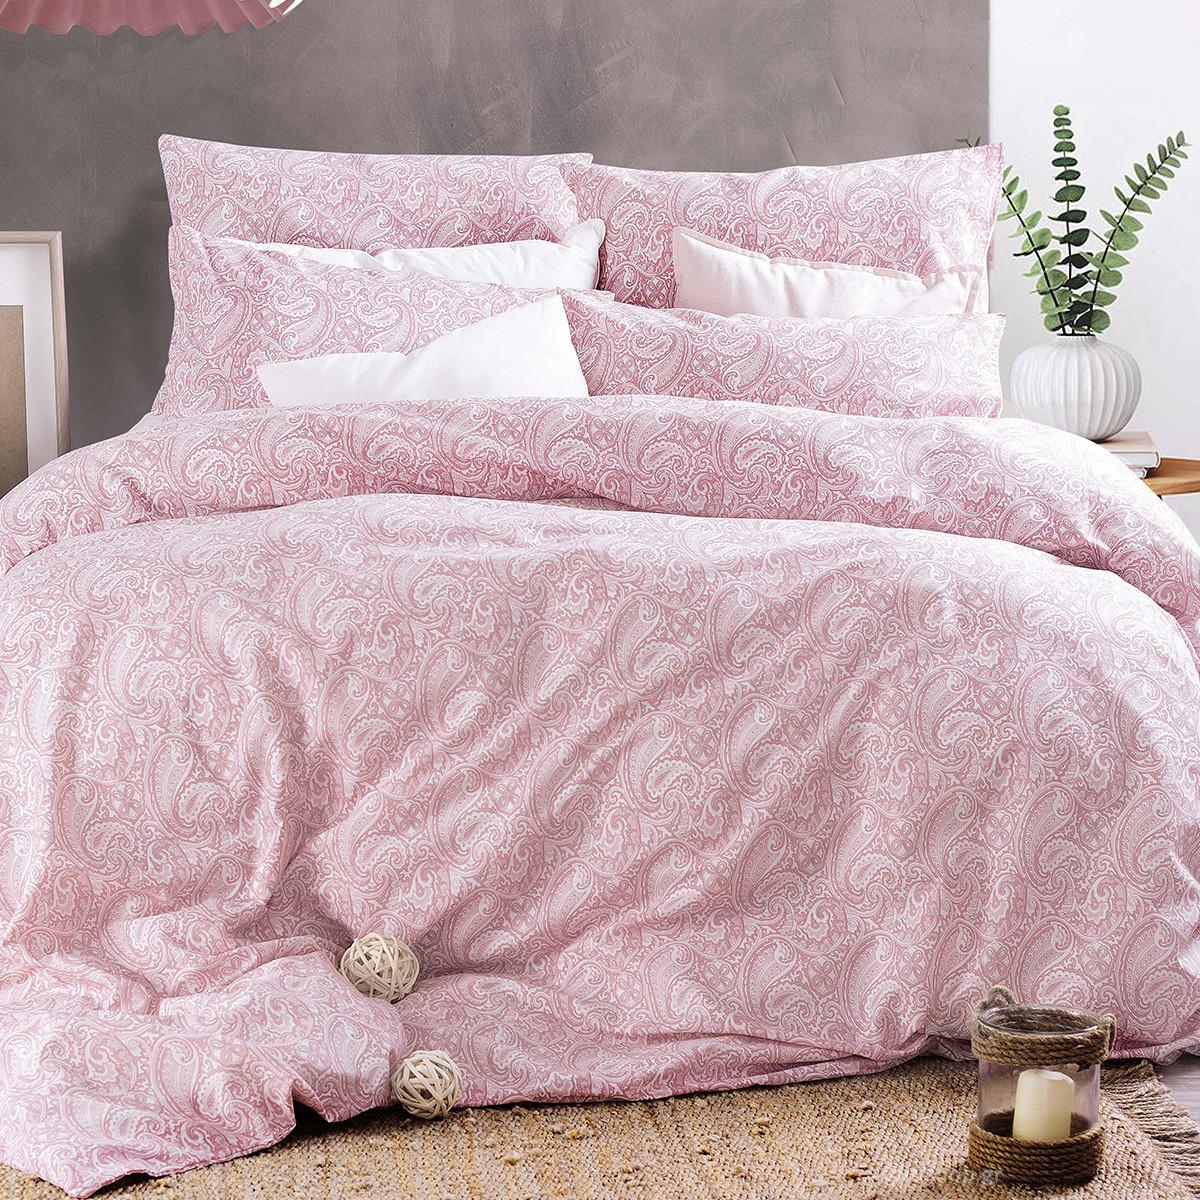 Κουβερλί Μονό (Σετ) Rythmos Next Layla Pink home   κρεβατοκάμαρα   κουβερλί   κουβερλί μονά